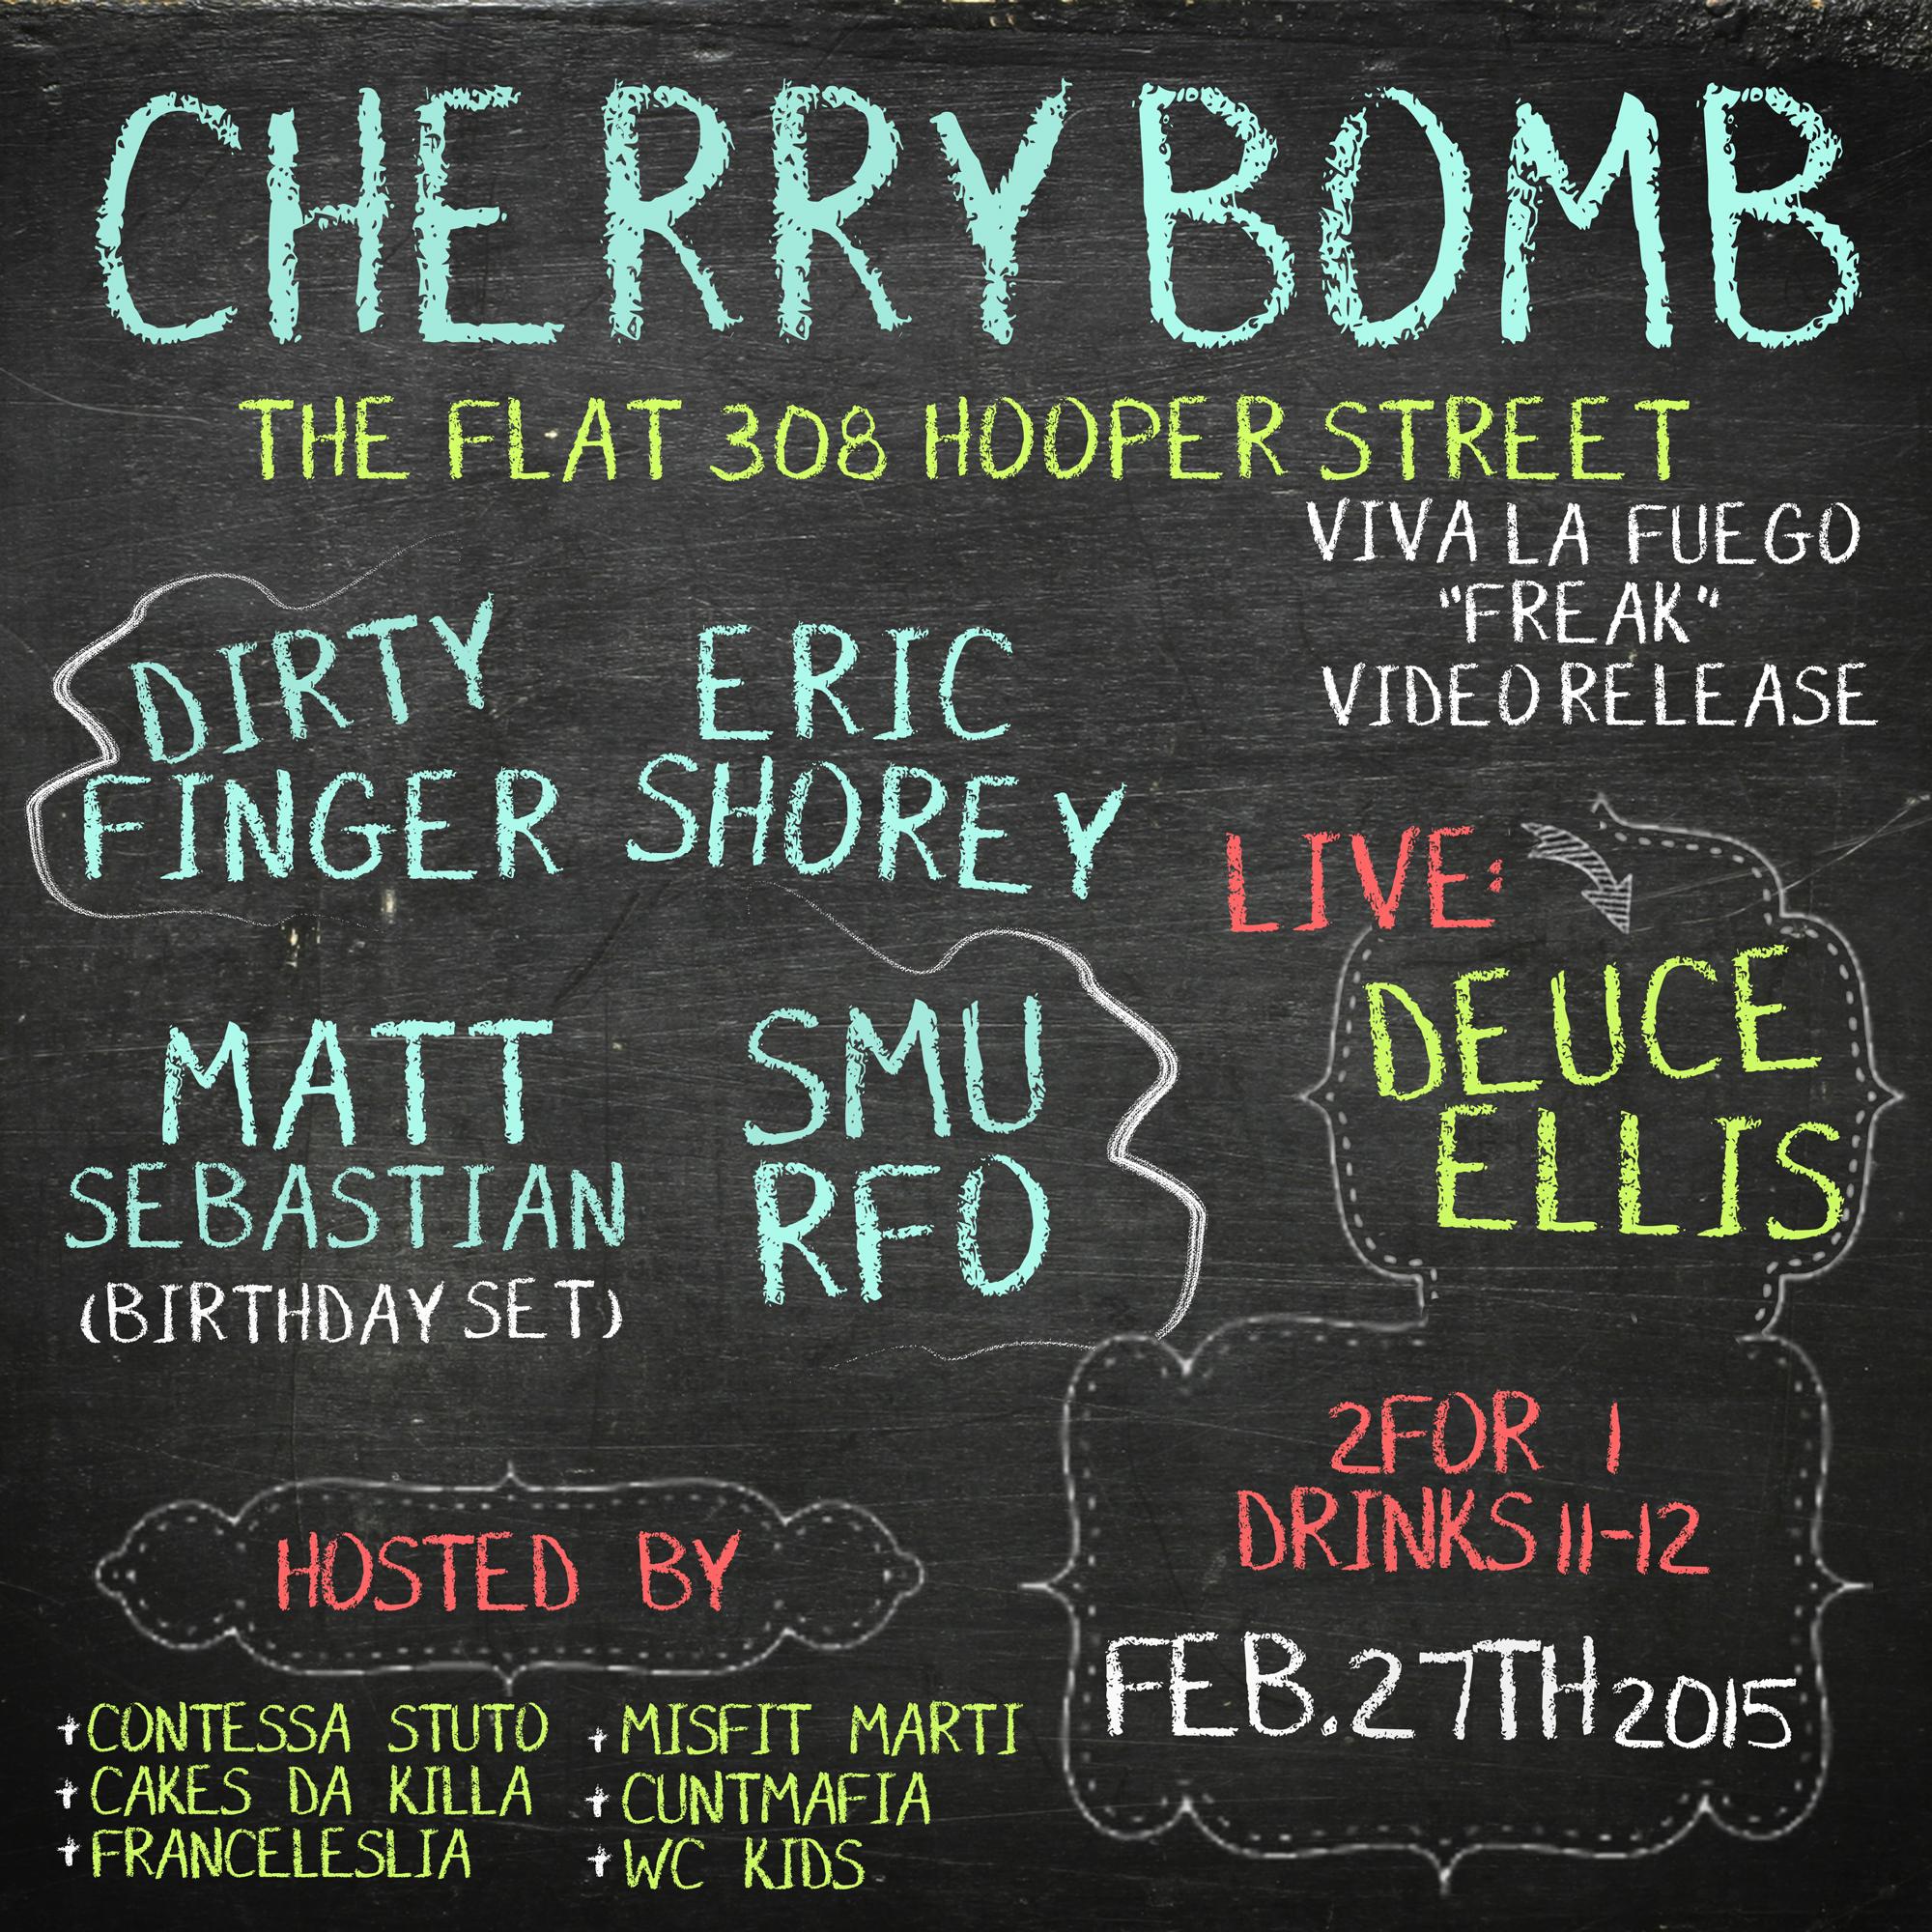 Cherrybomb 02.27.15